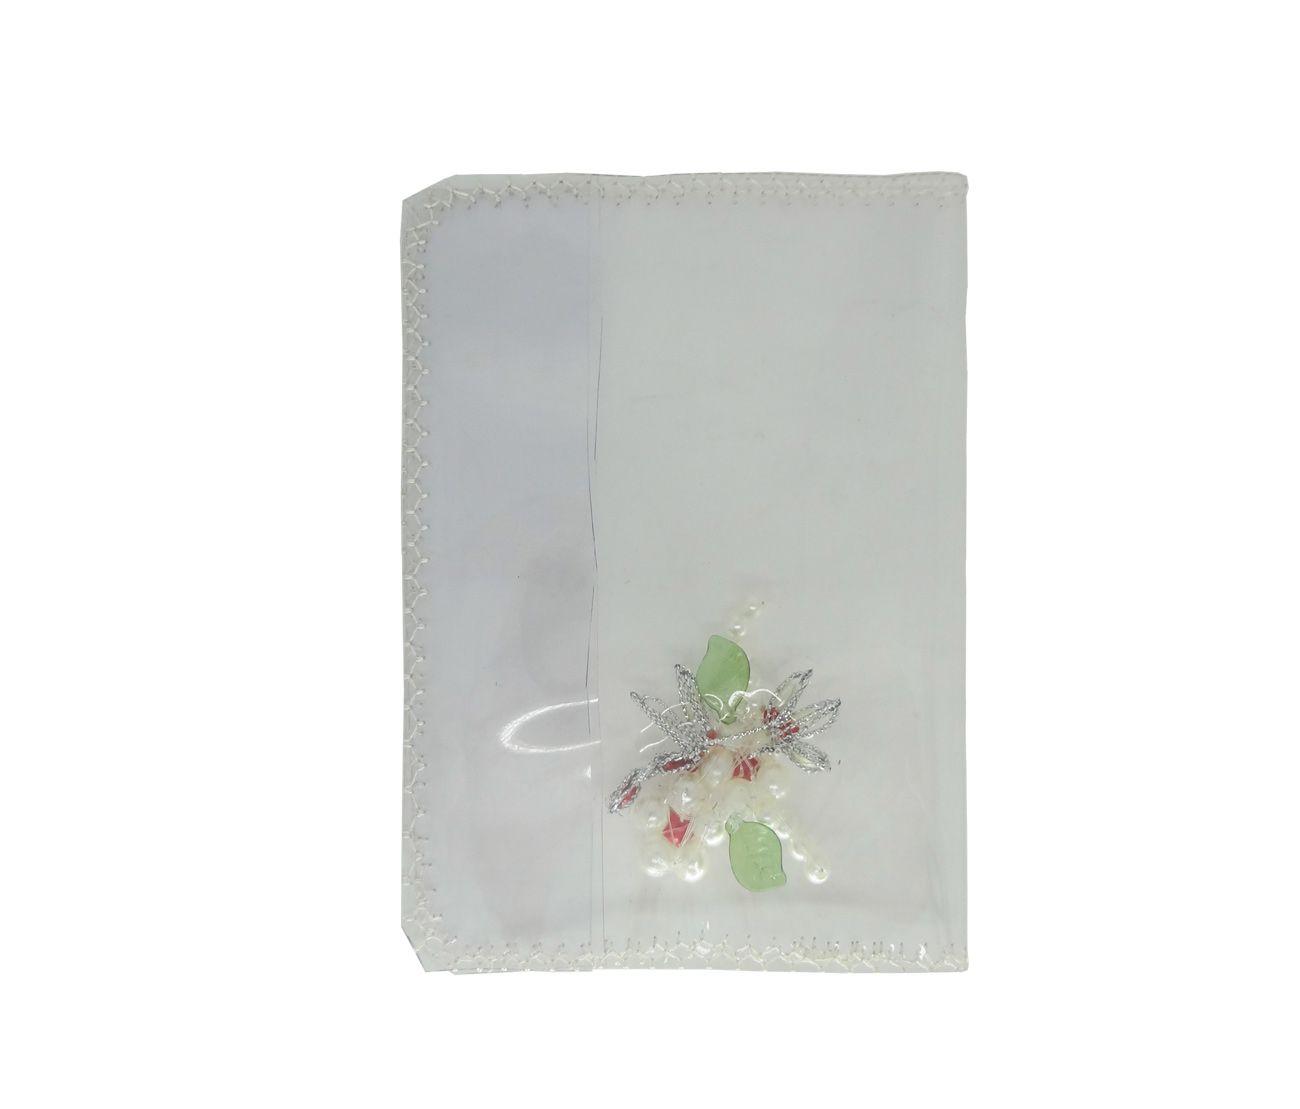 Capa para Bíblia com Hinário Pequeno Transparente com Strass